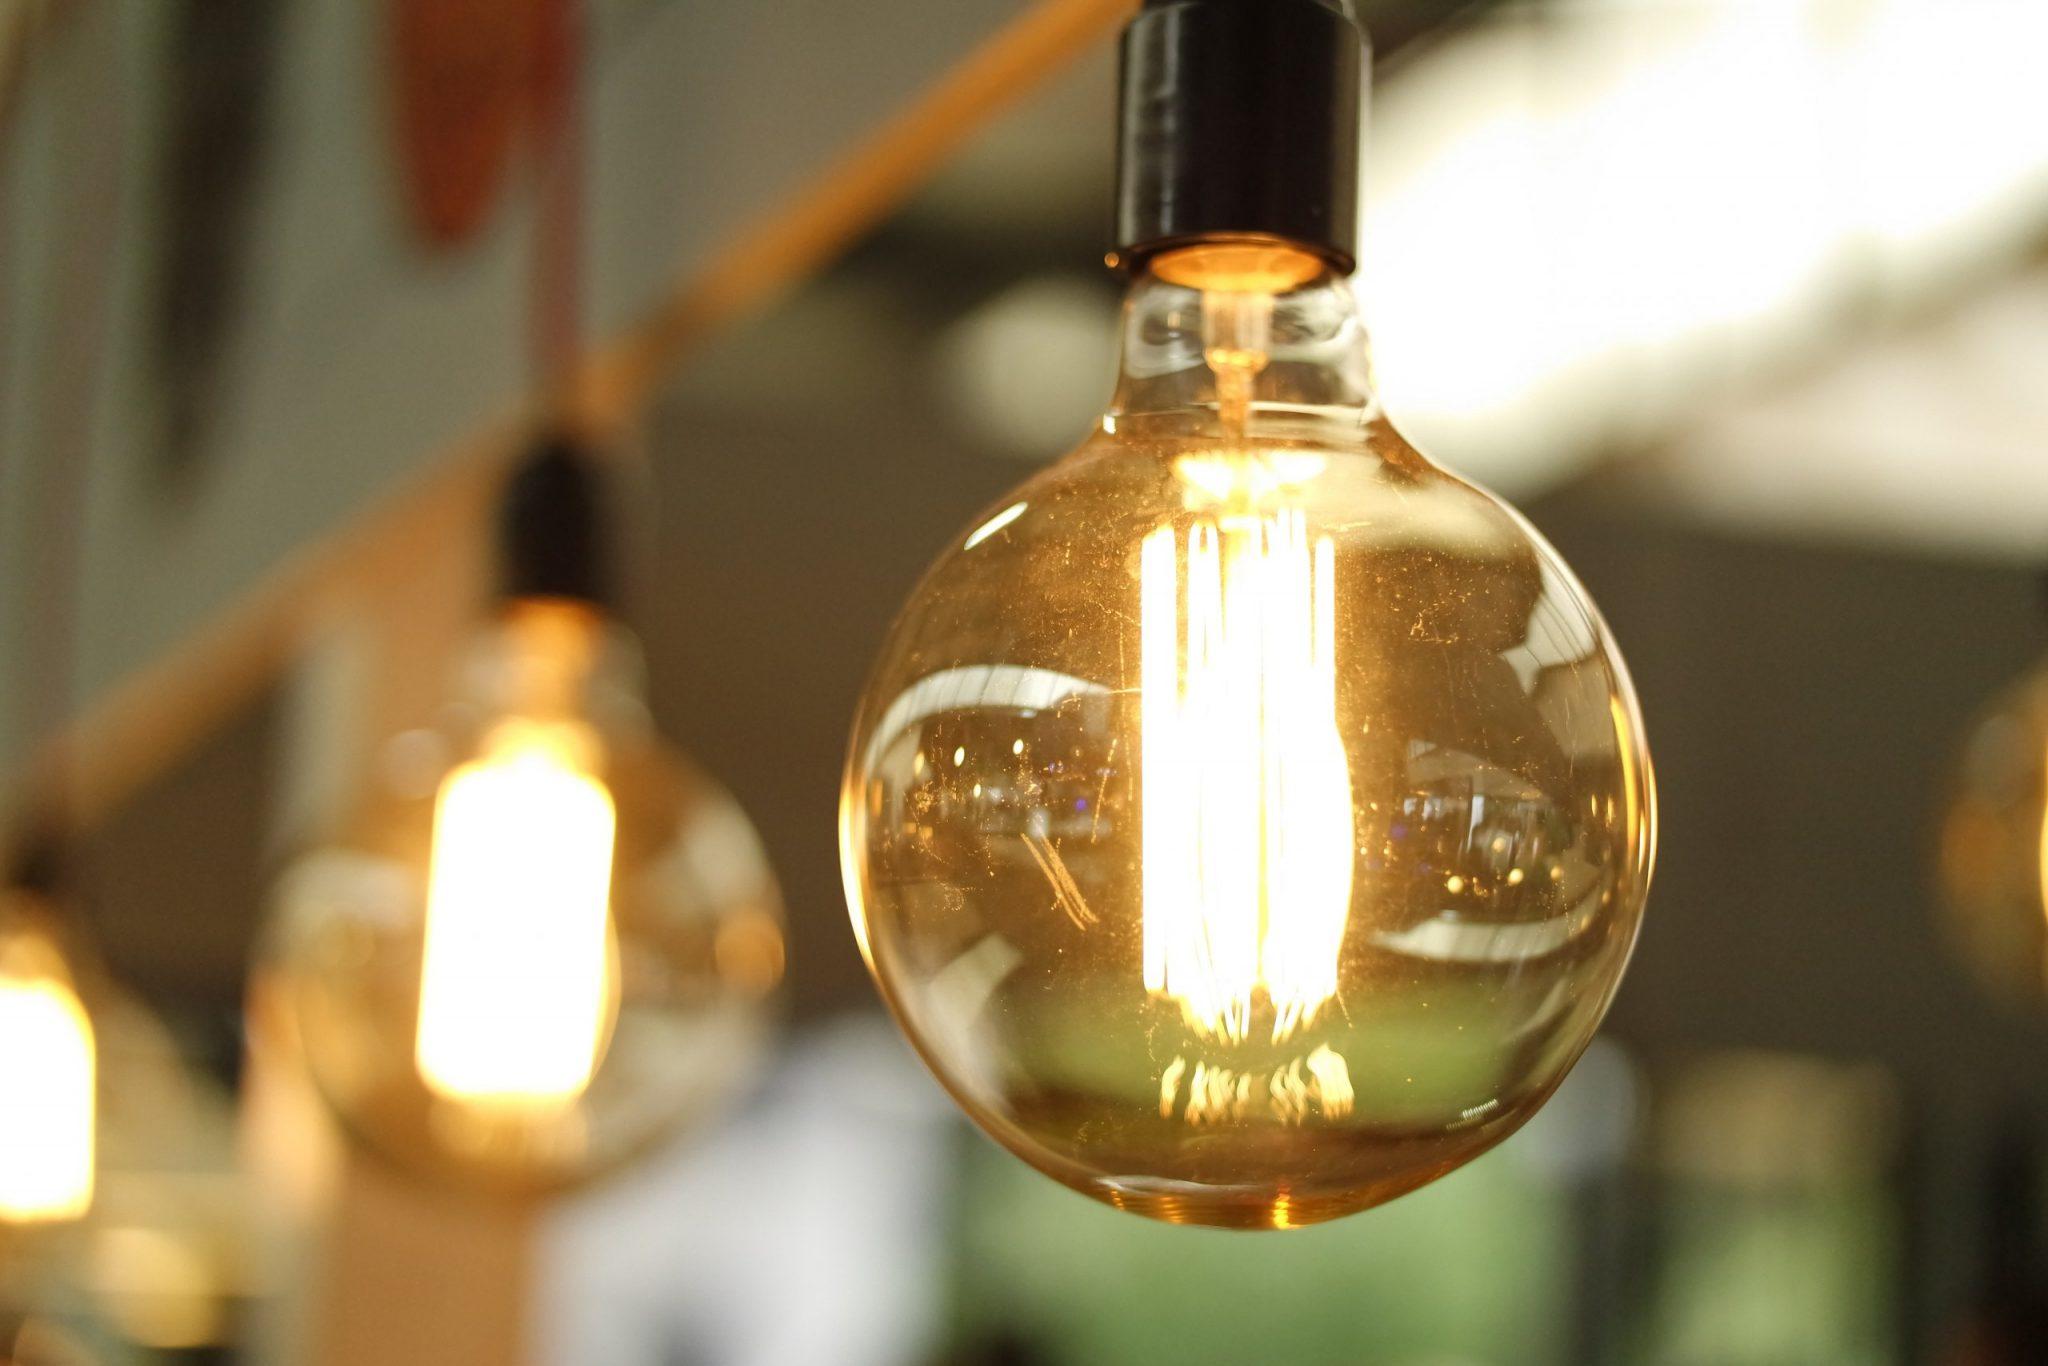 Energy-efficient LED light bulbs